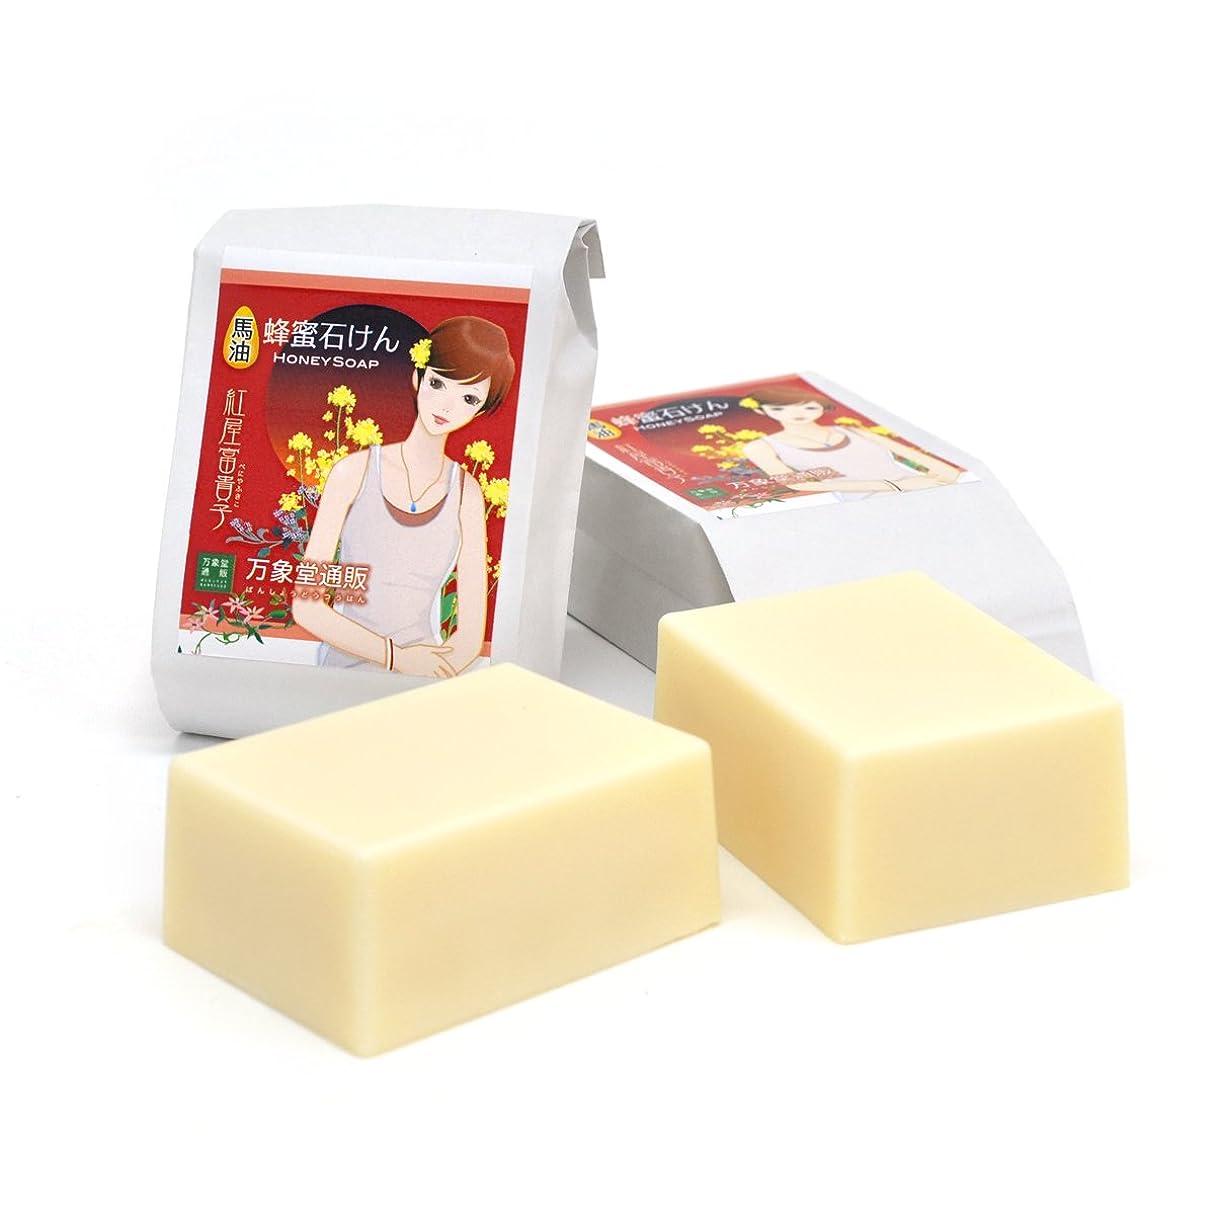 話をする論争の的マーティンルーサーキングジュニア森羅万象堂 馬油石鹸 90g×2個 (国産)熊本県産 国産蜂蜜配合